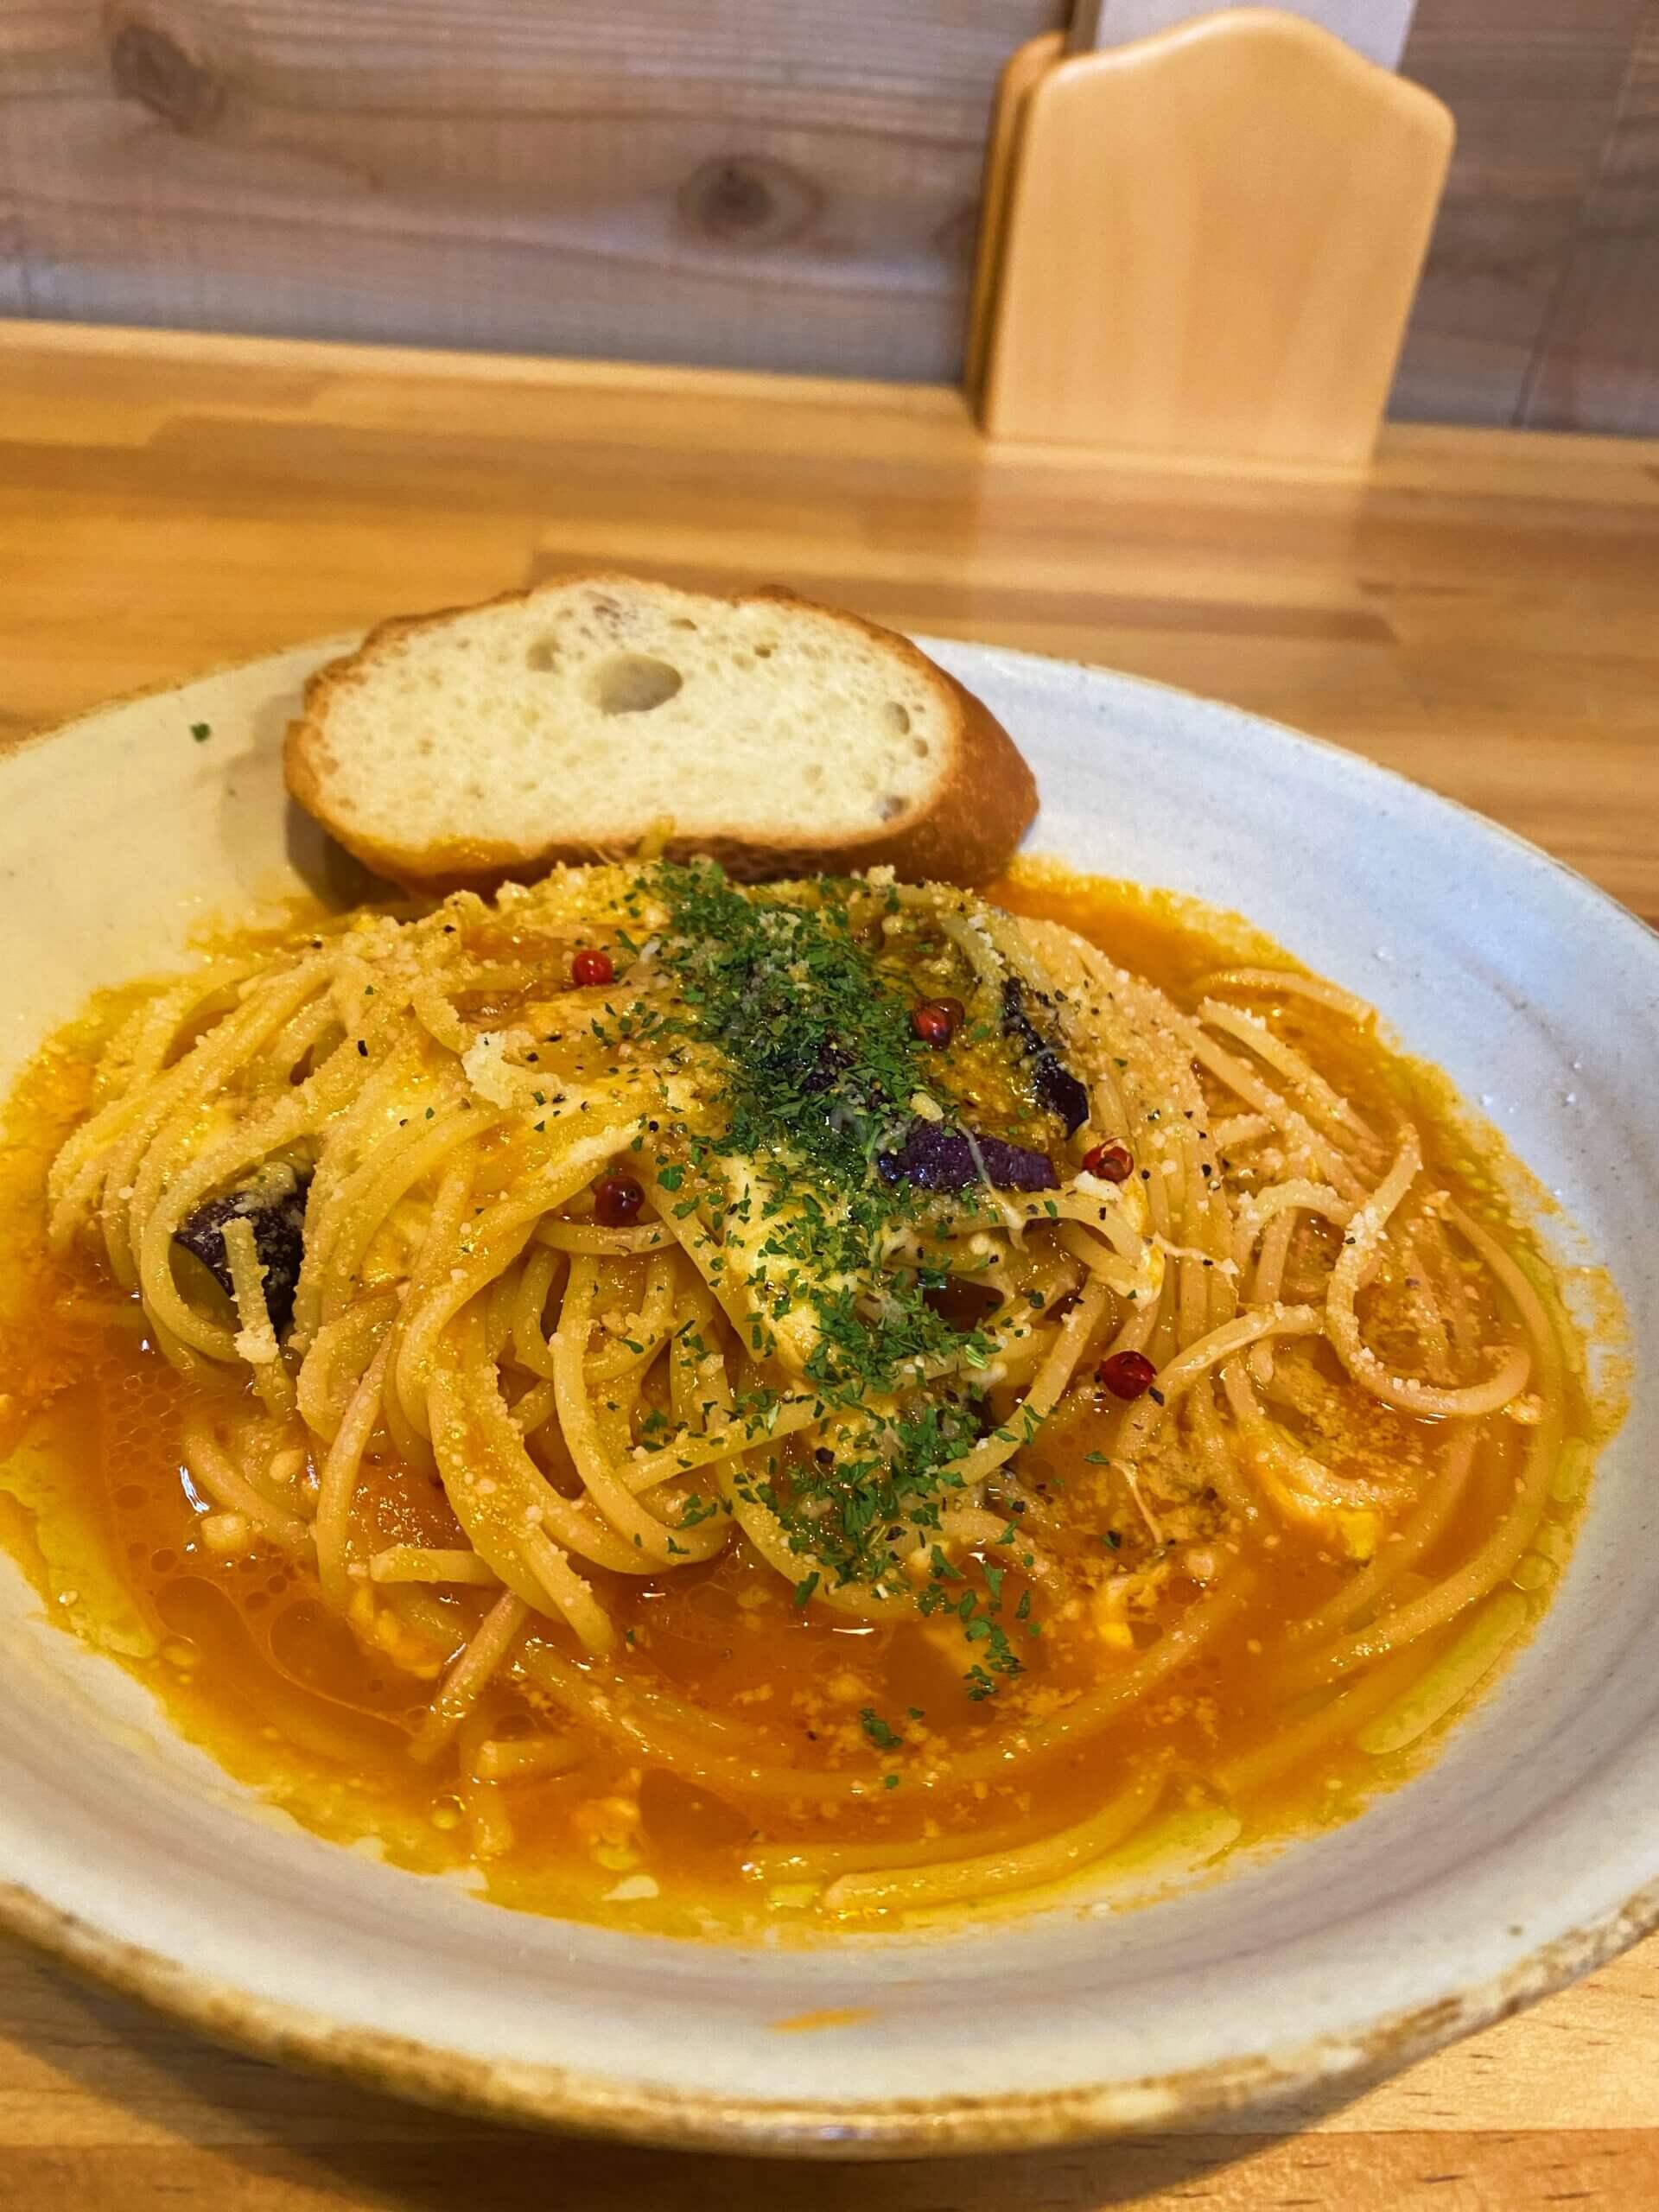 【ユーカフェ – 熊本市東区御領 – 】住みたくなるようなお洒落なcafe